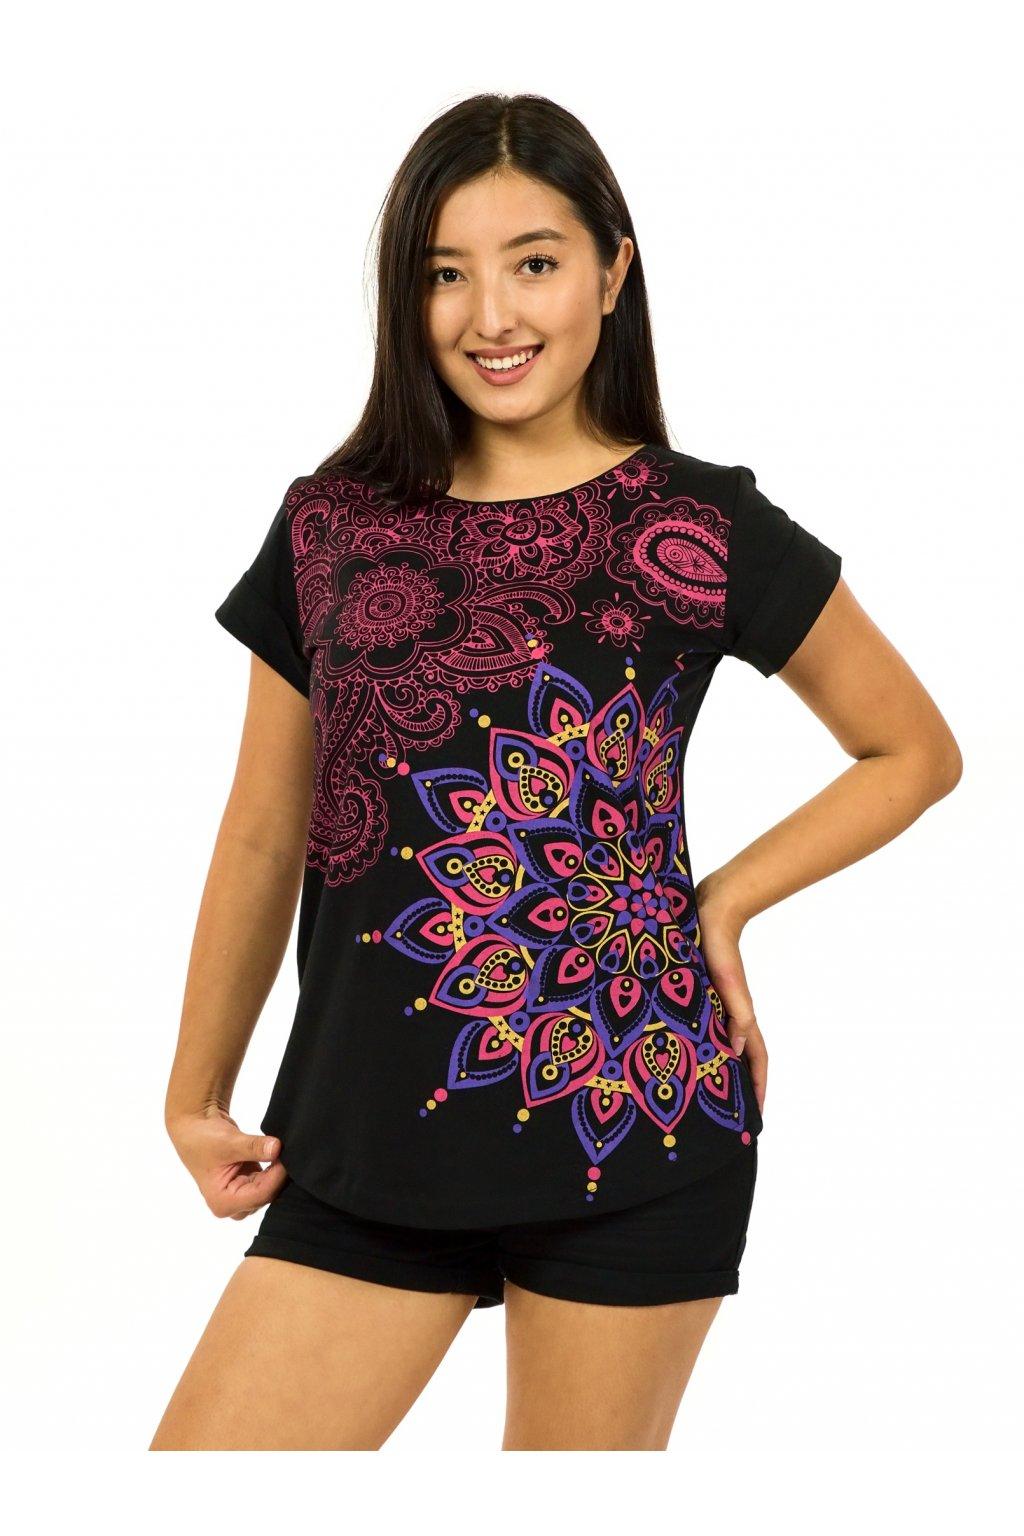 Tričko s krátkým rukávem Zafira - černá s růžovou